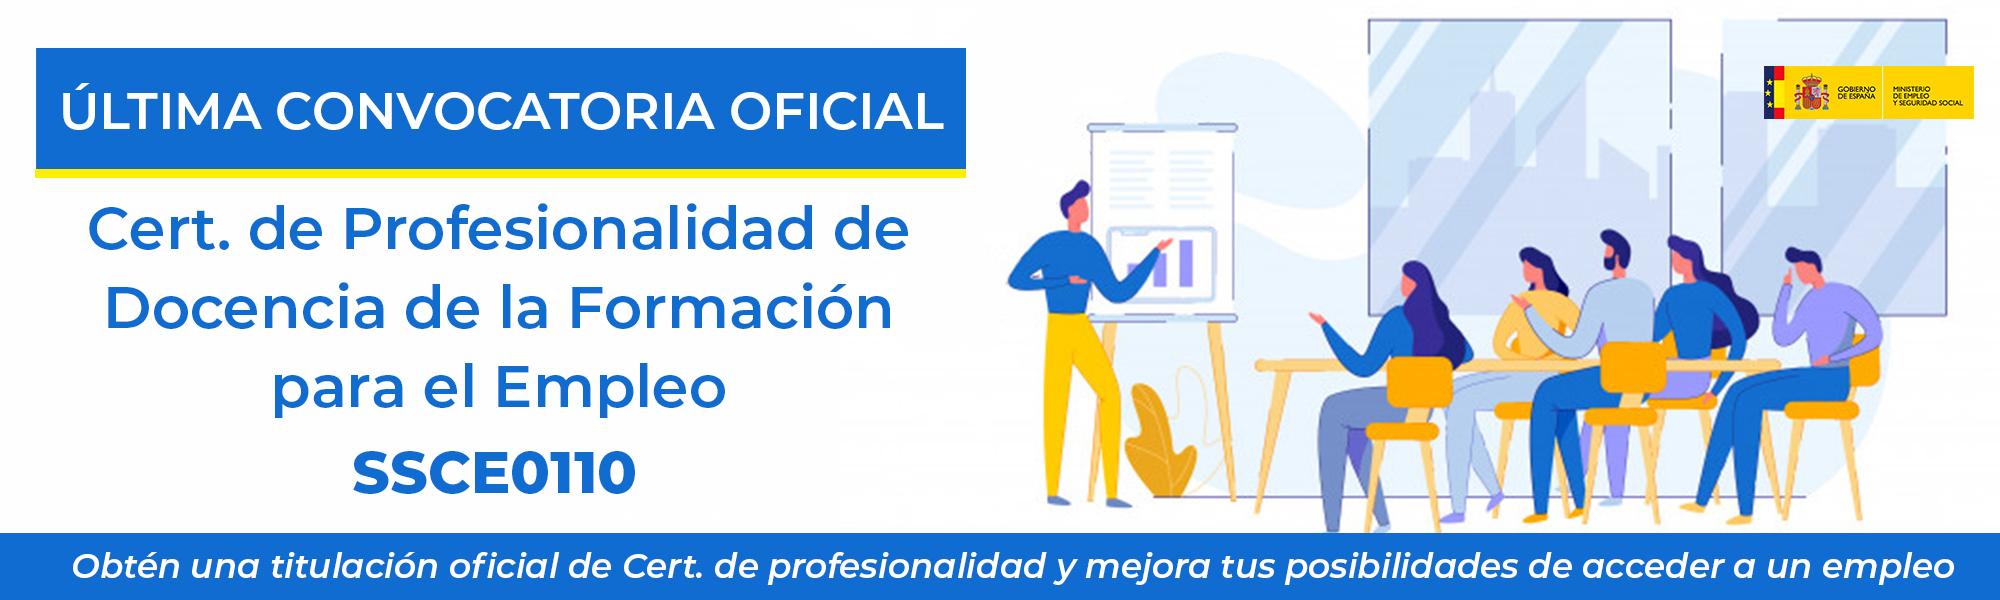 Última convocatoria oficial Certificado de profesionalidad Docencia para el empleo